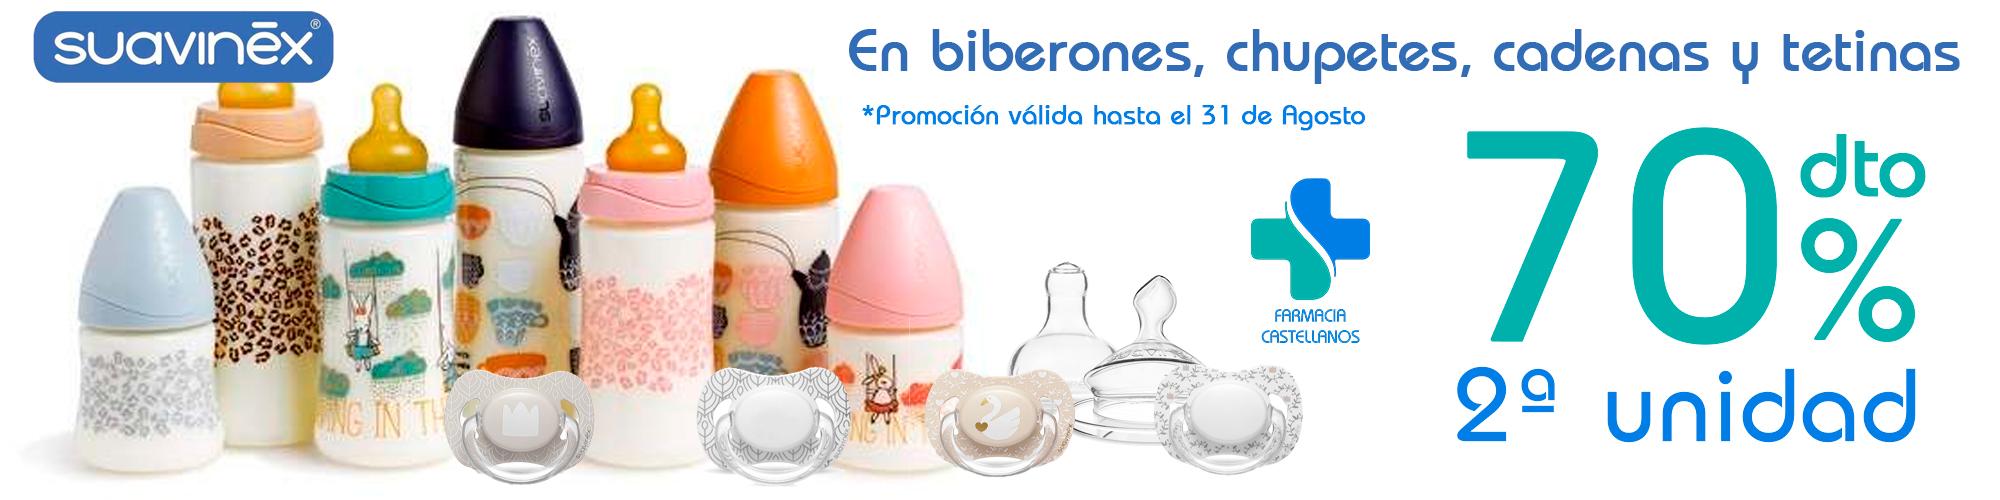 promocion-suavinex-farmaciabeatrizcastellanos-1